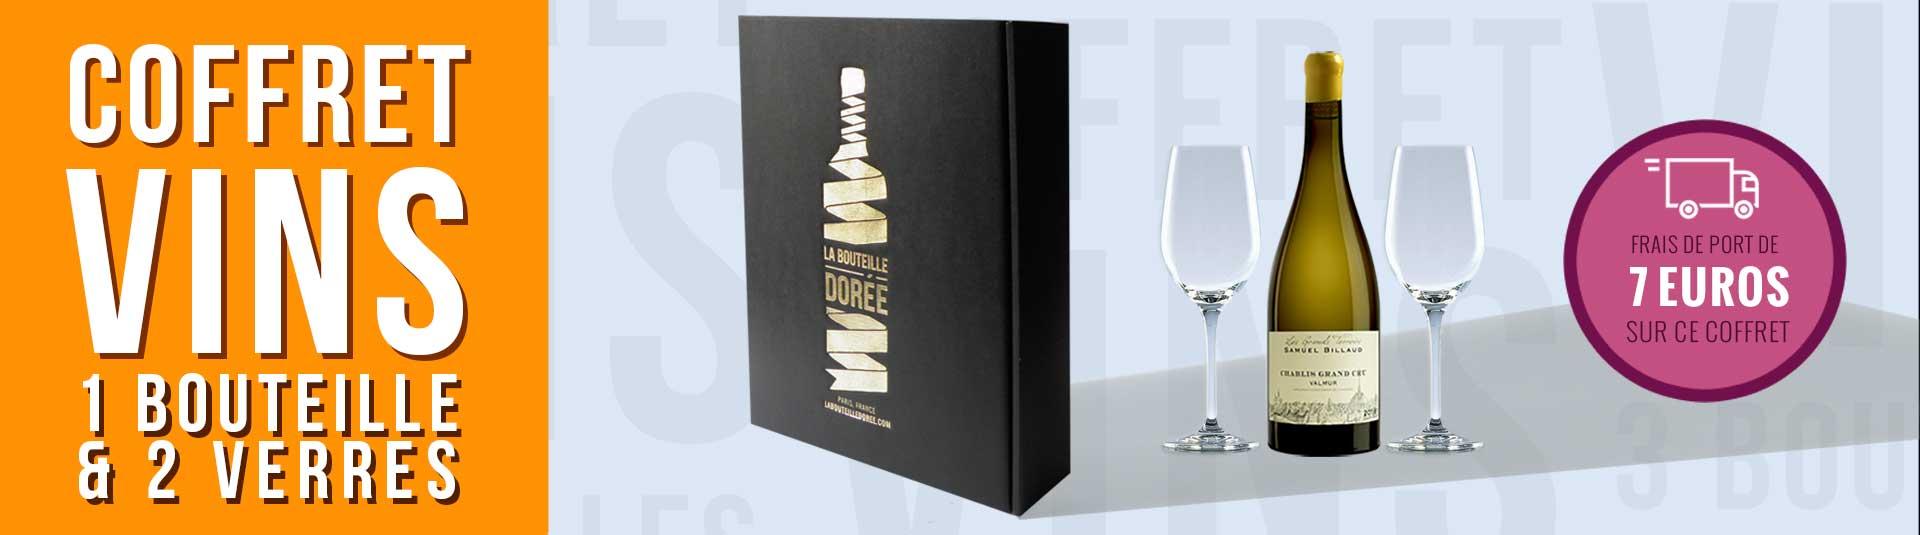 coffret vin Chablis Grand Cru et 2 verres